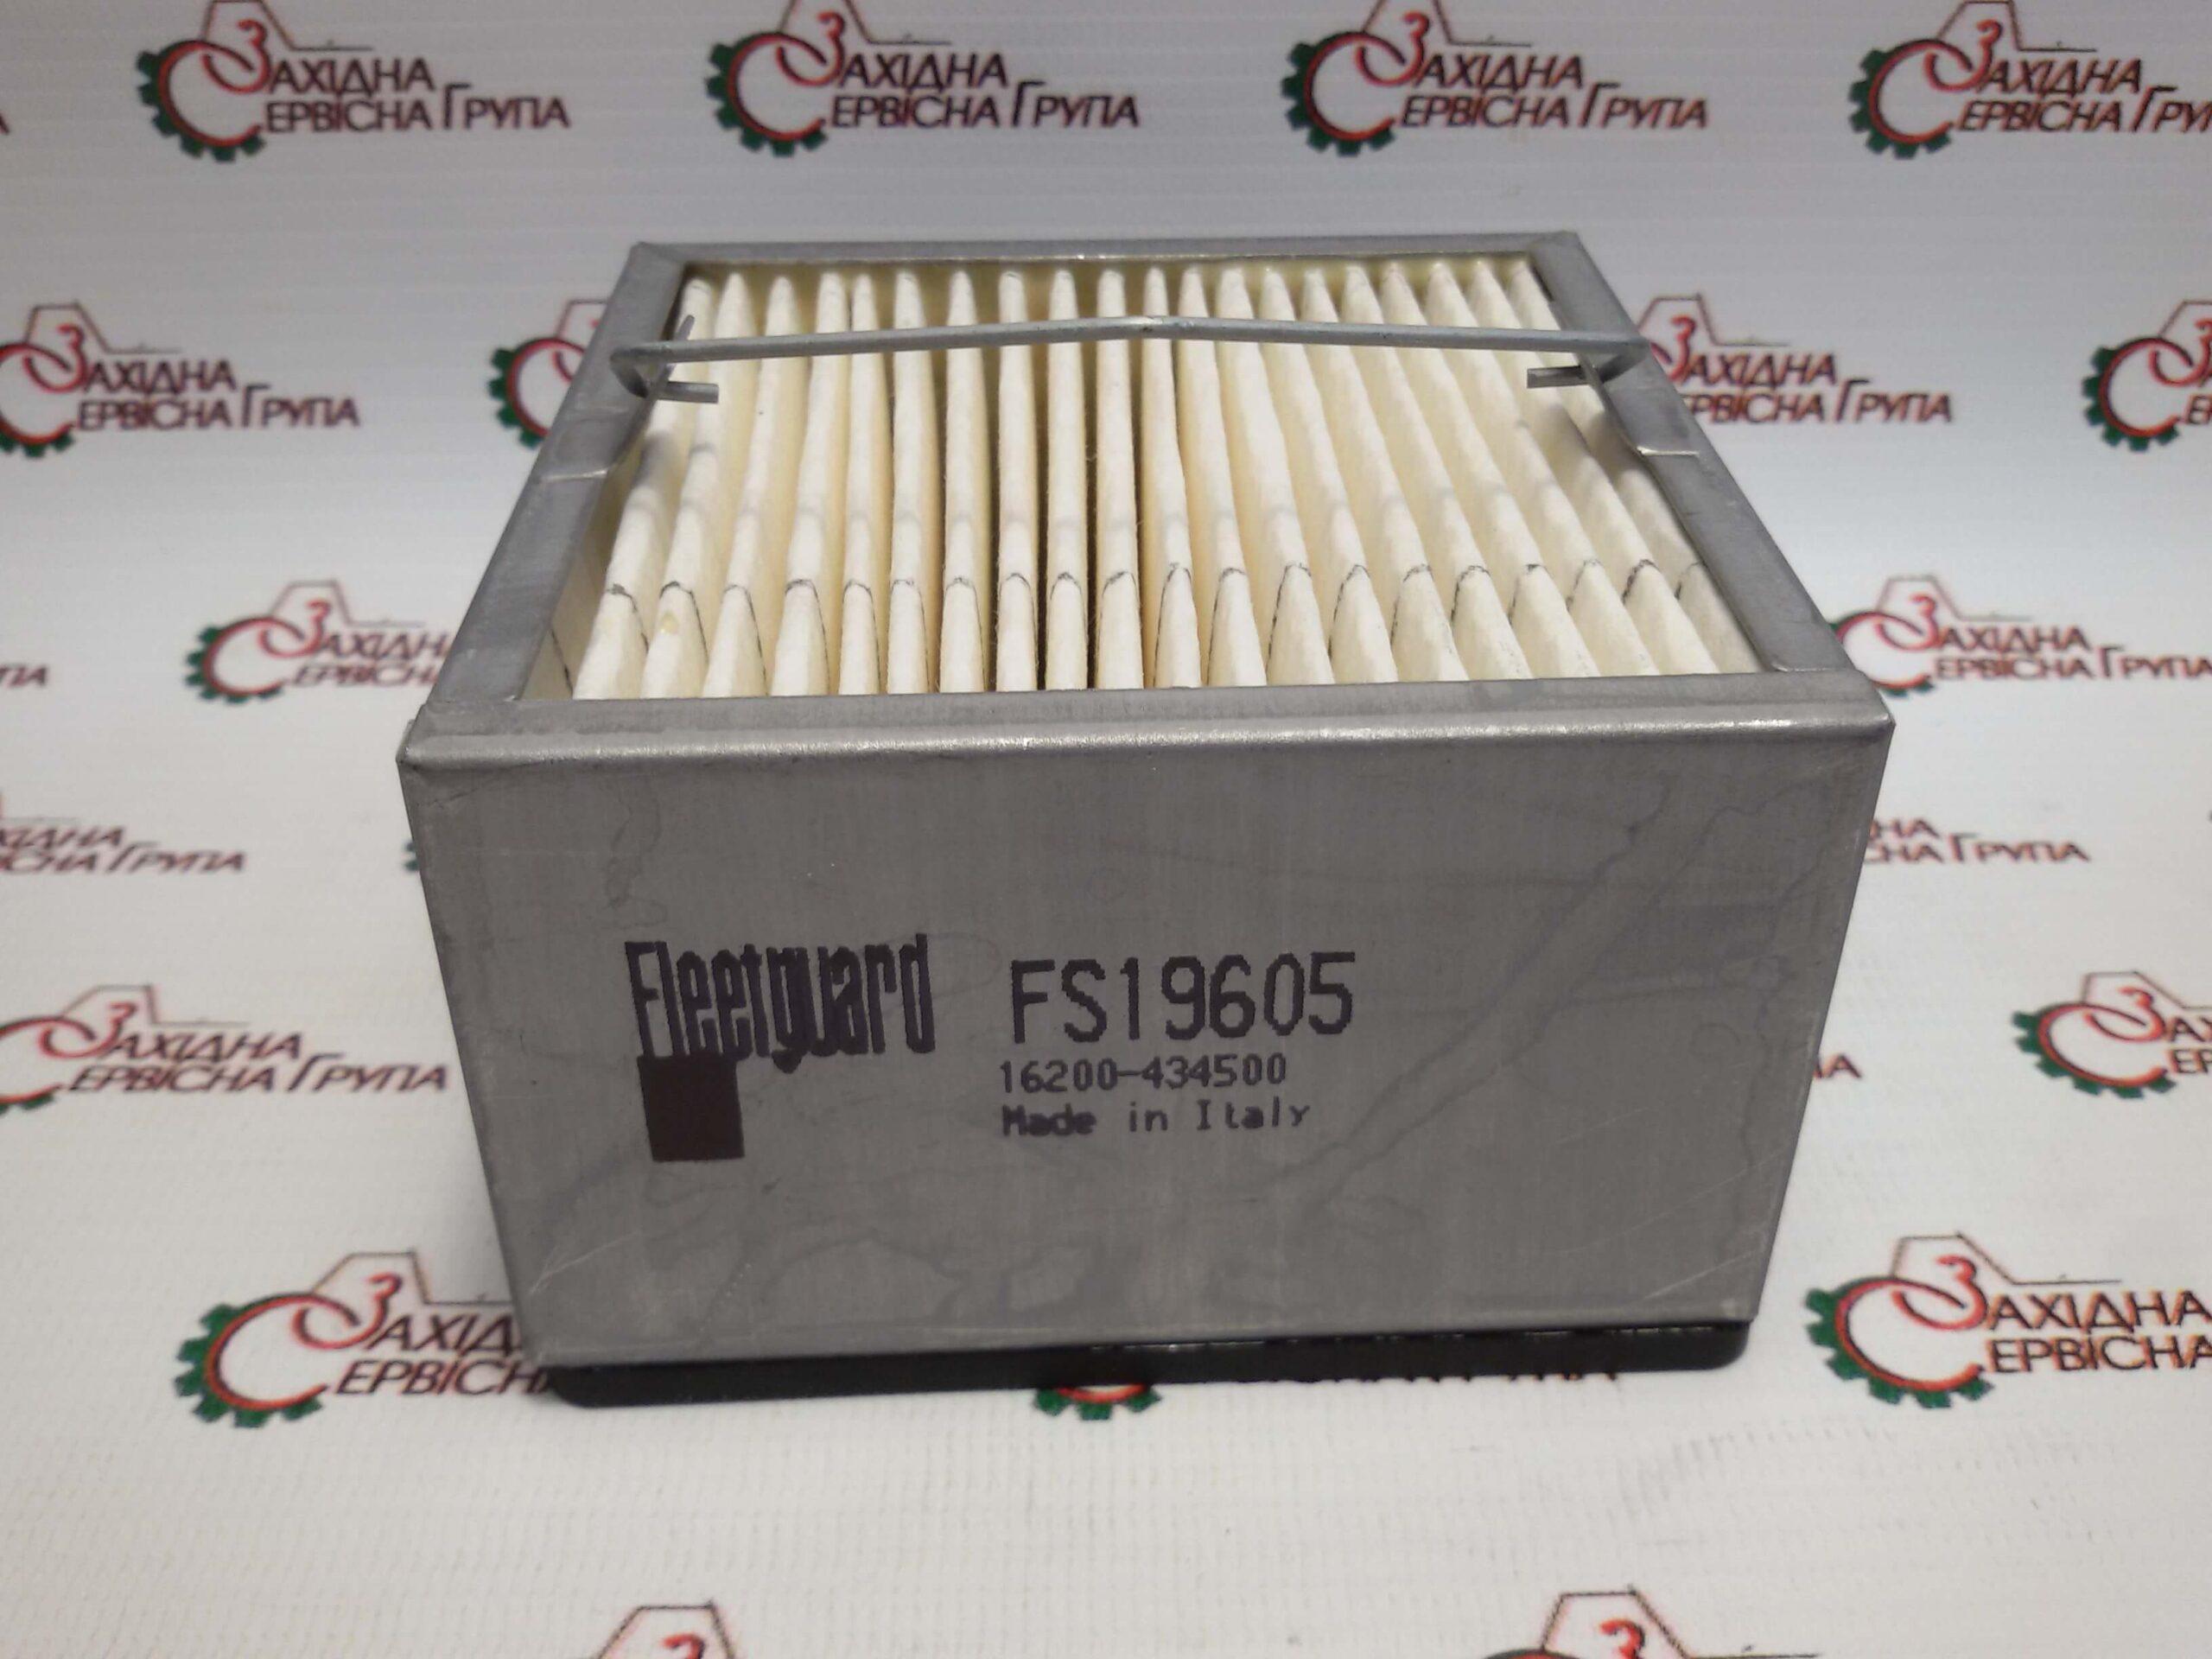 Фільтр паливний (картридж сепаратора) для SEPAR 2000/10 Fleetguard FS19605.